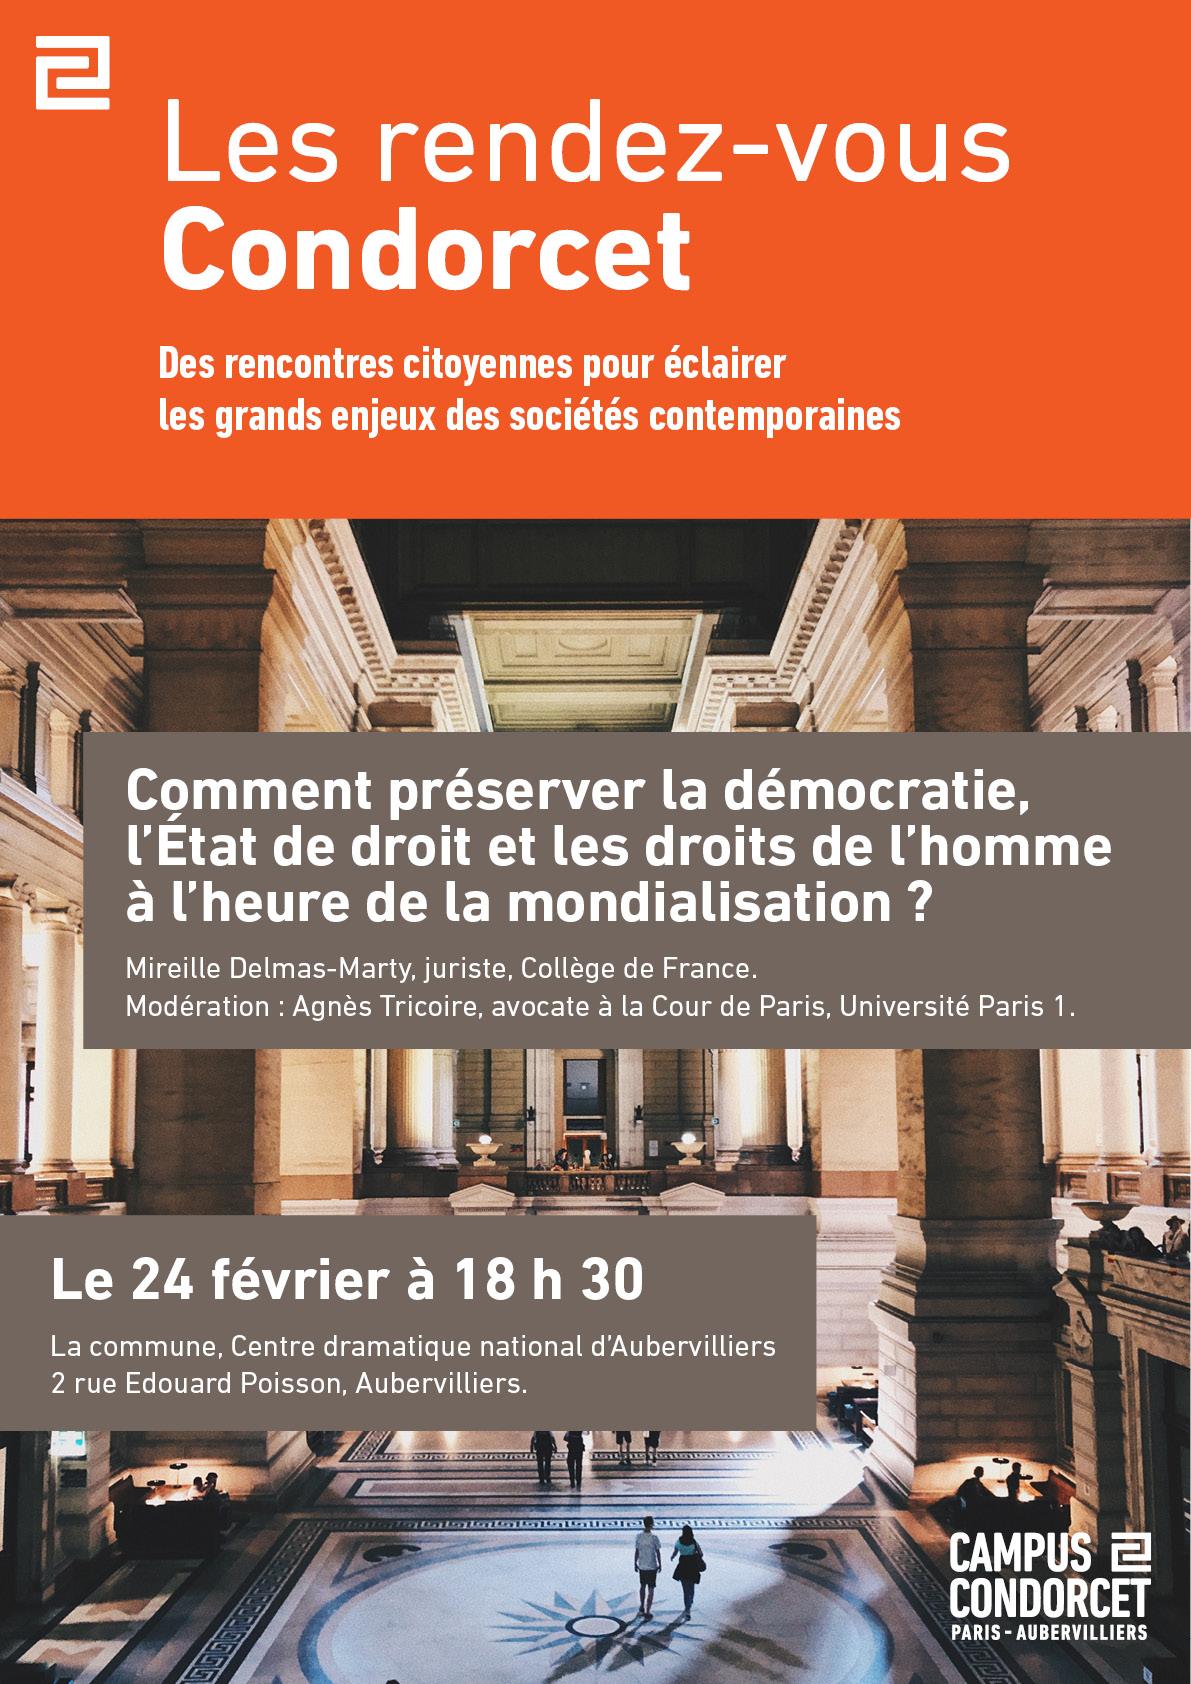 Comment préserver la démocratie ? Mireille Delmas-Marty, juriste au Collège de France